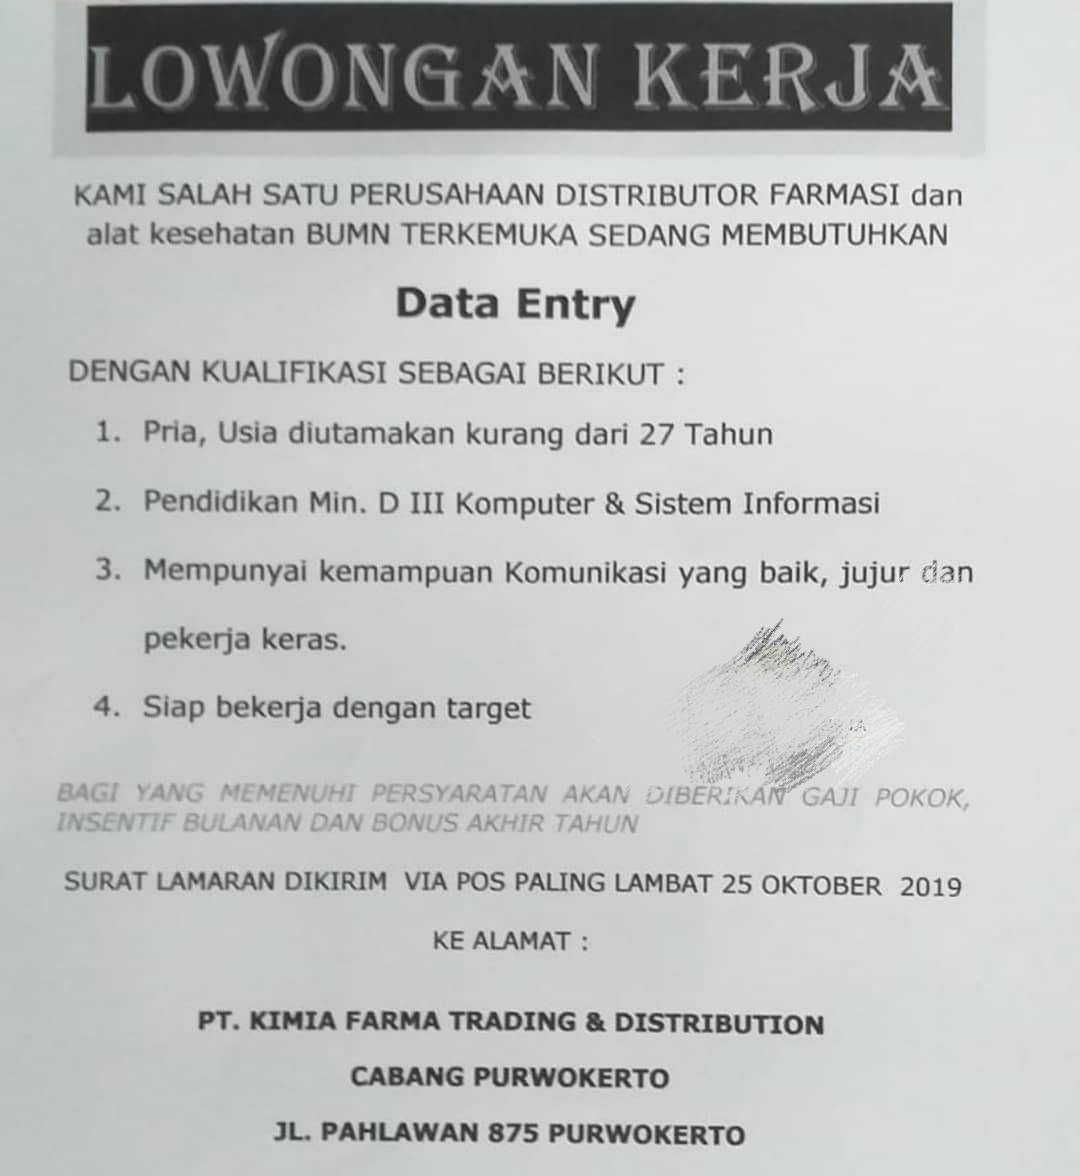 Lowongan Kerja Sebagai Data Entry Februari 2021